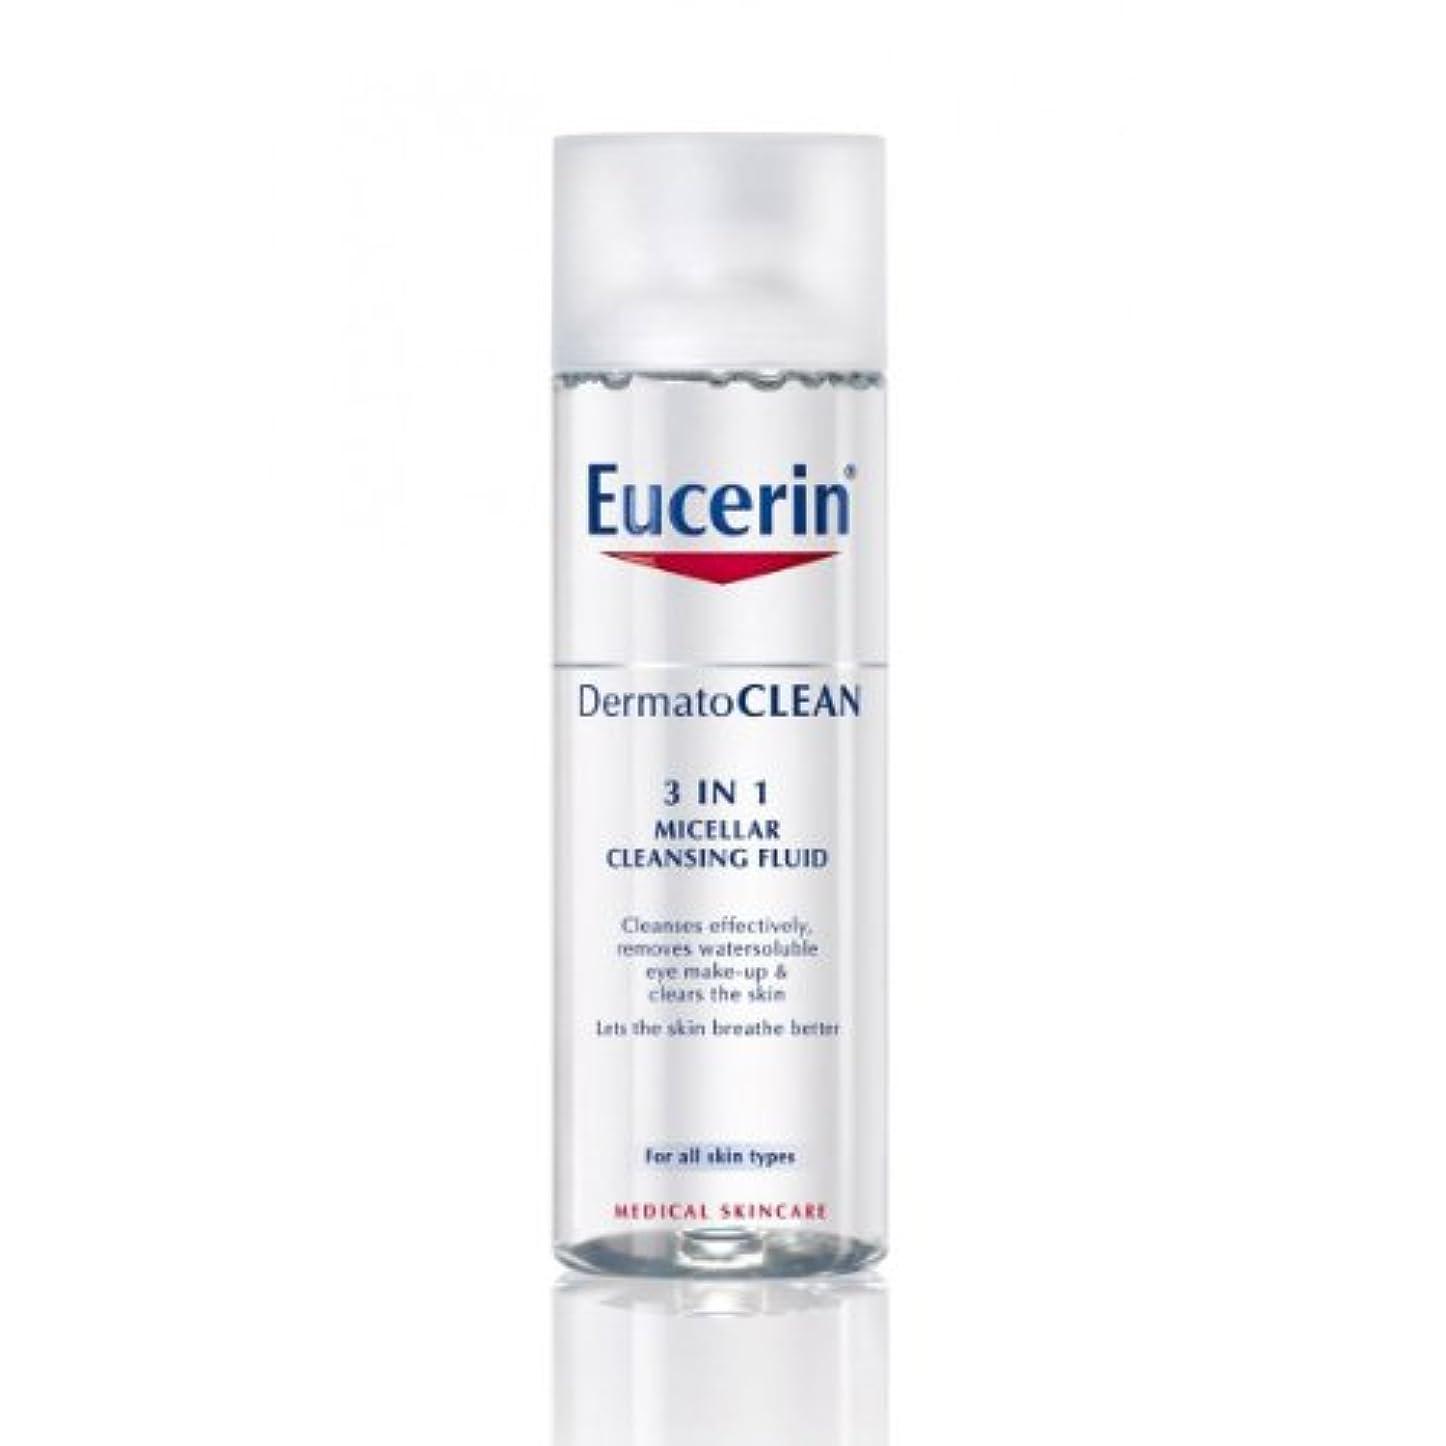 地平線チャンスフィラデルフィアEucerin Dermatoclean 3in1 Micellar Cleansing Fluid 200ml [並行輸入品]